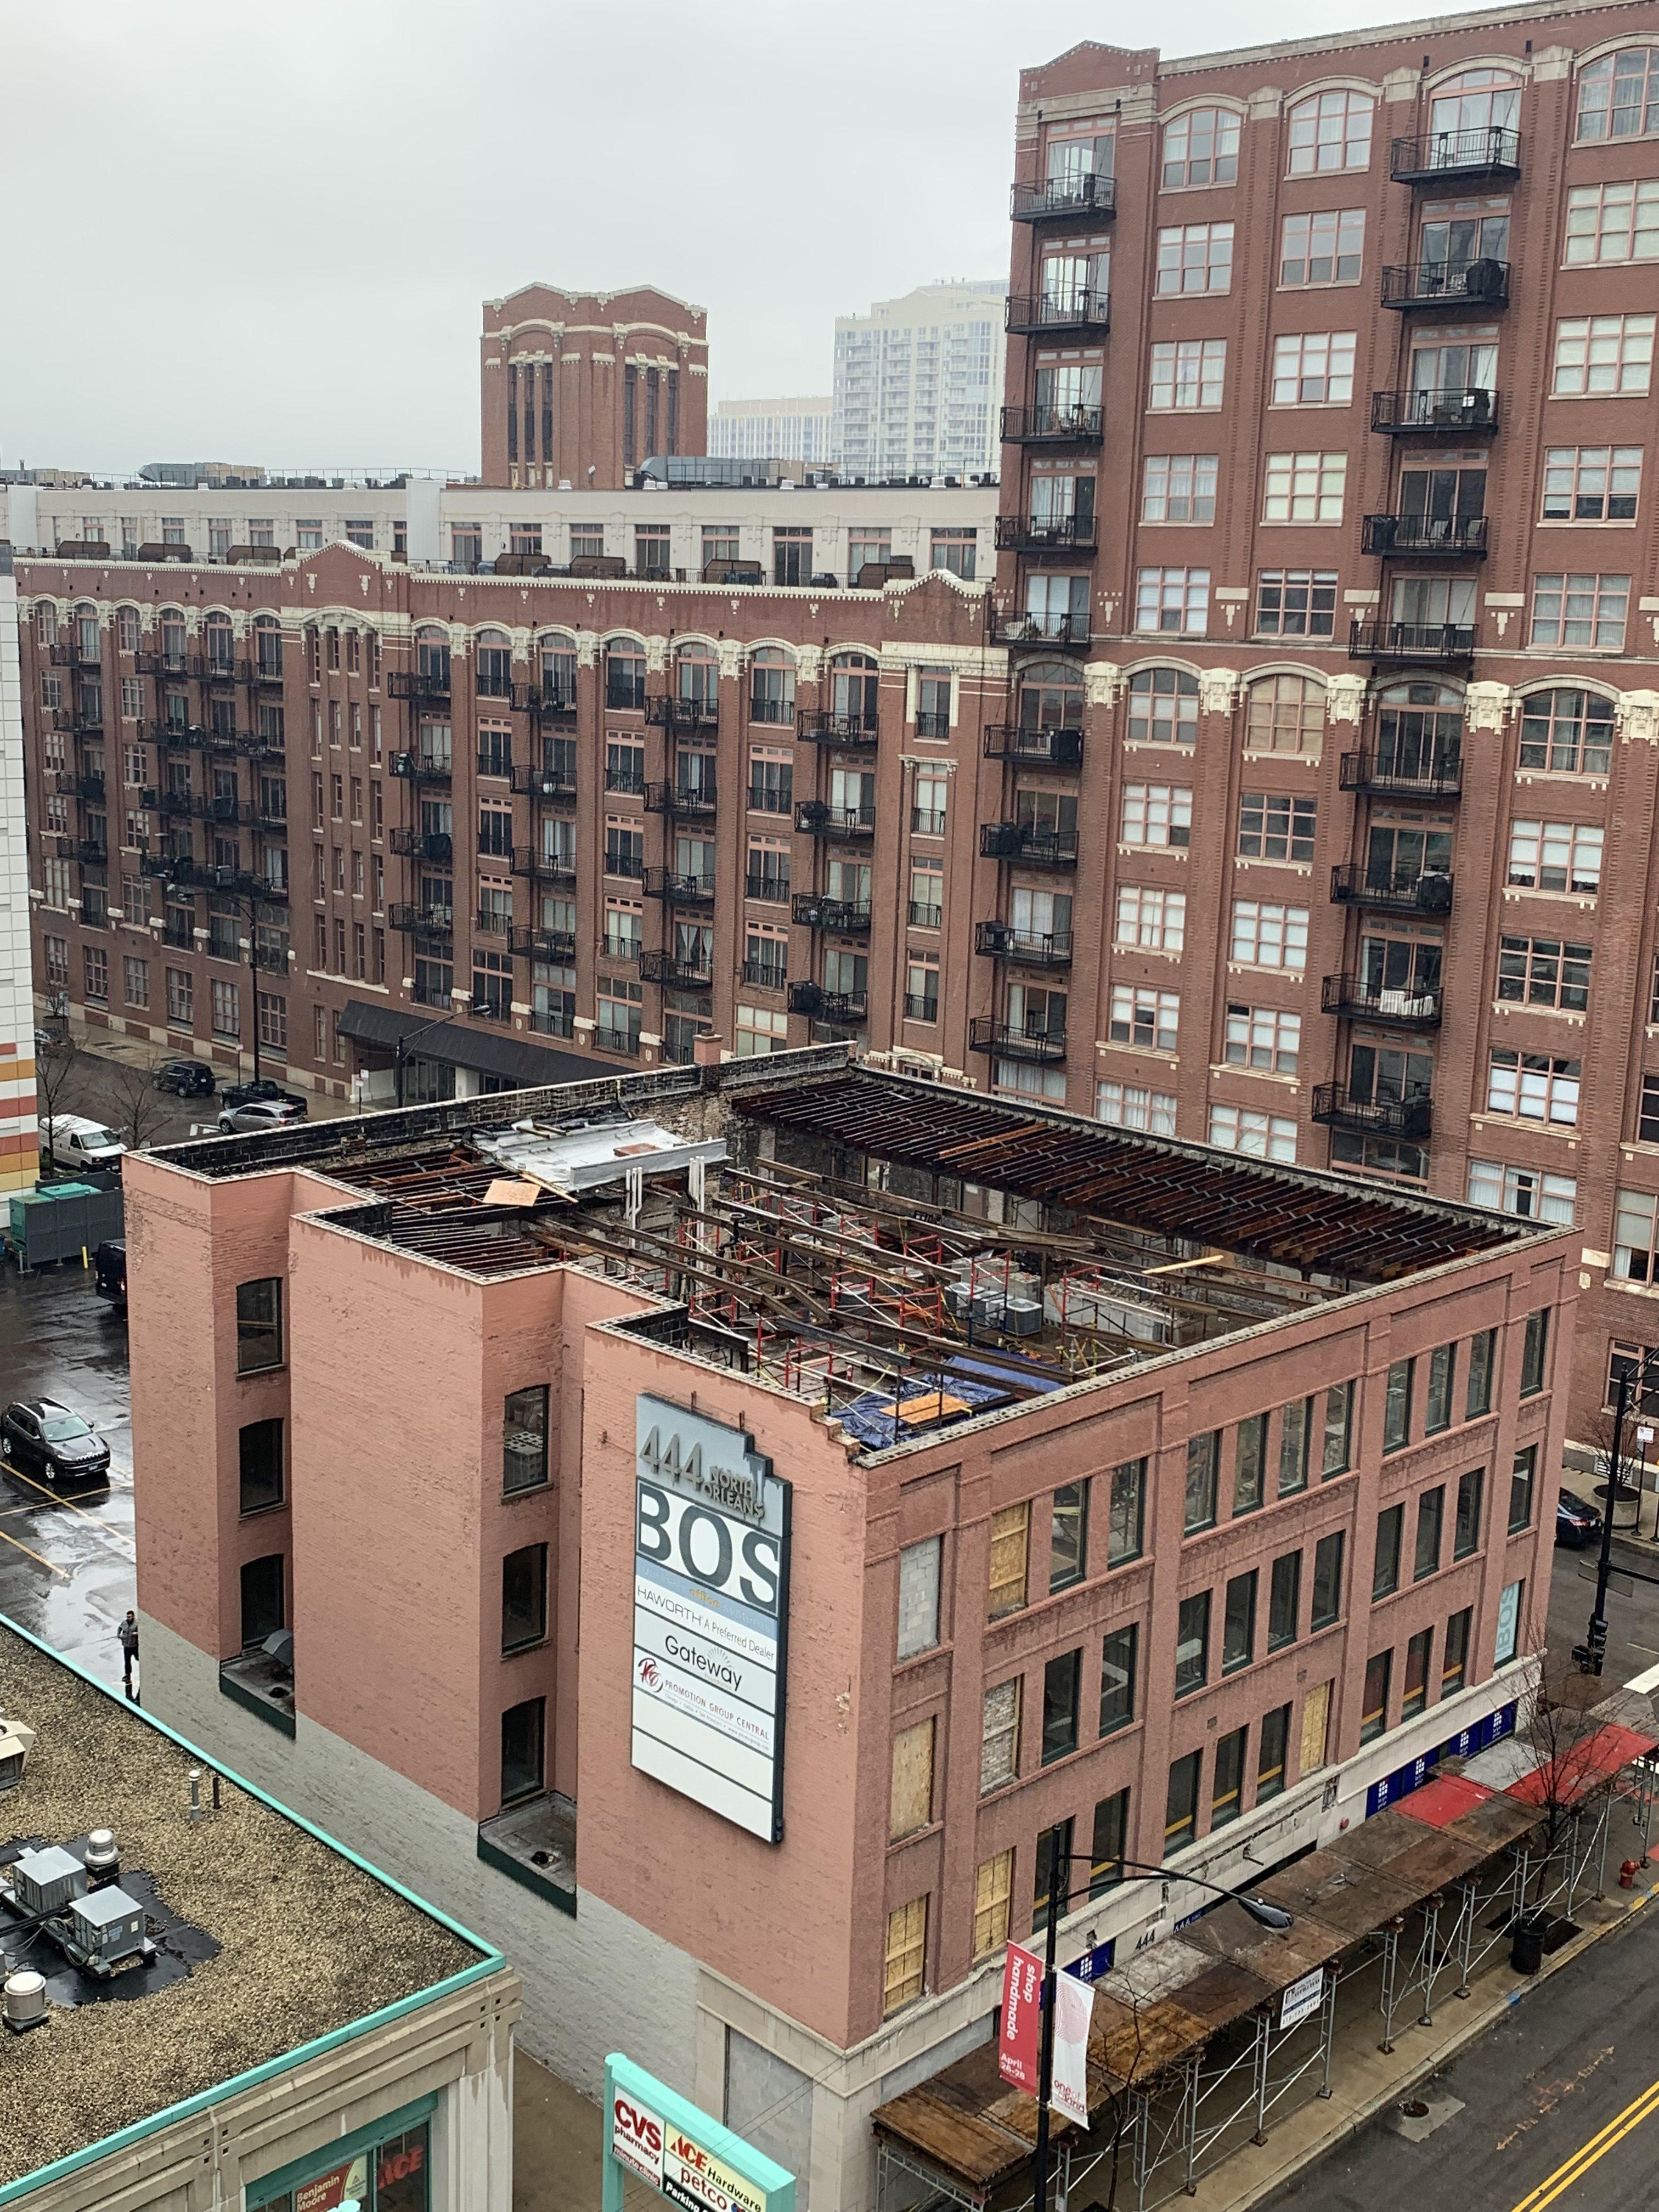 444 N. Orleans scaffold 2